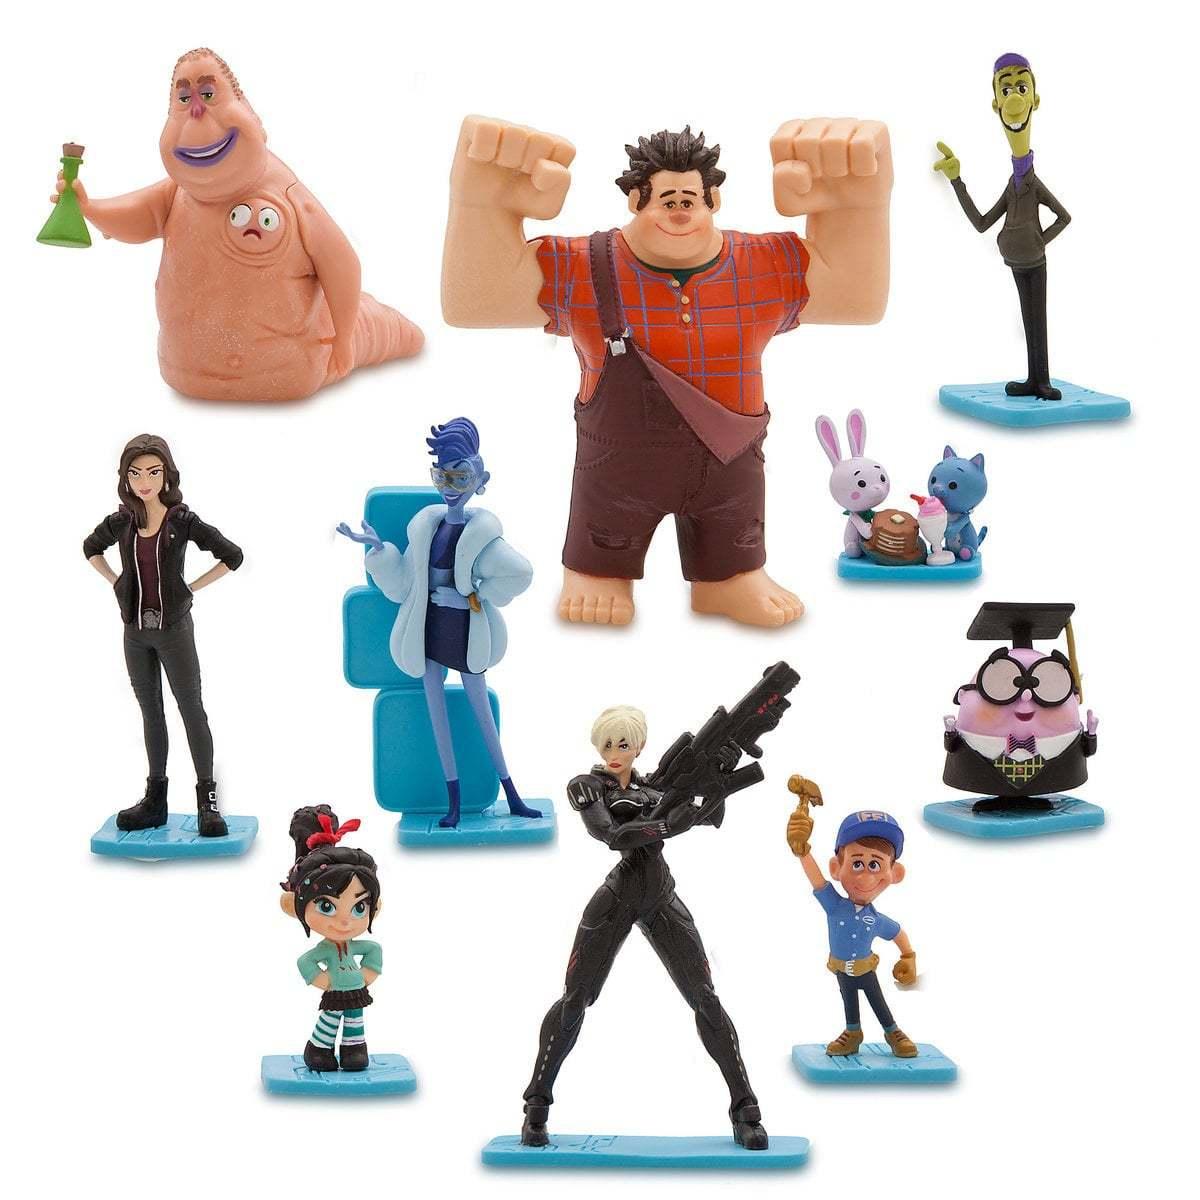 ральф против интернета набор фигурок купить статуэтки